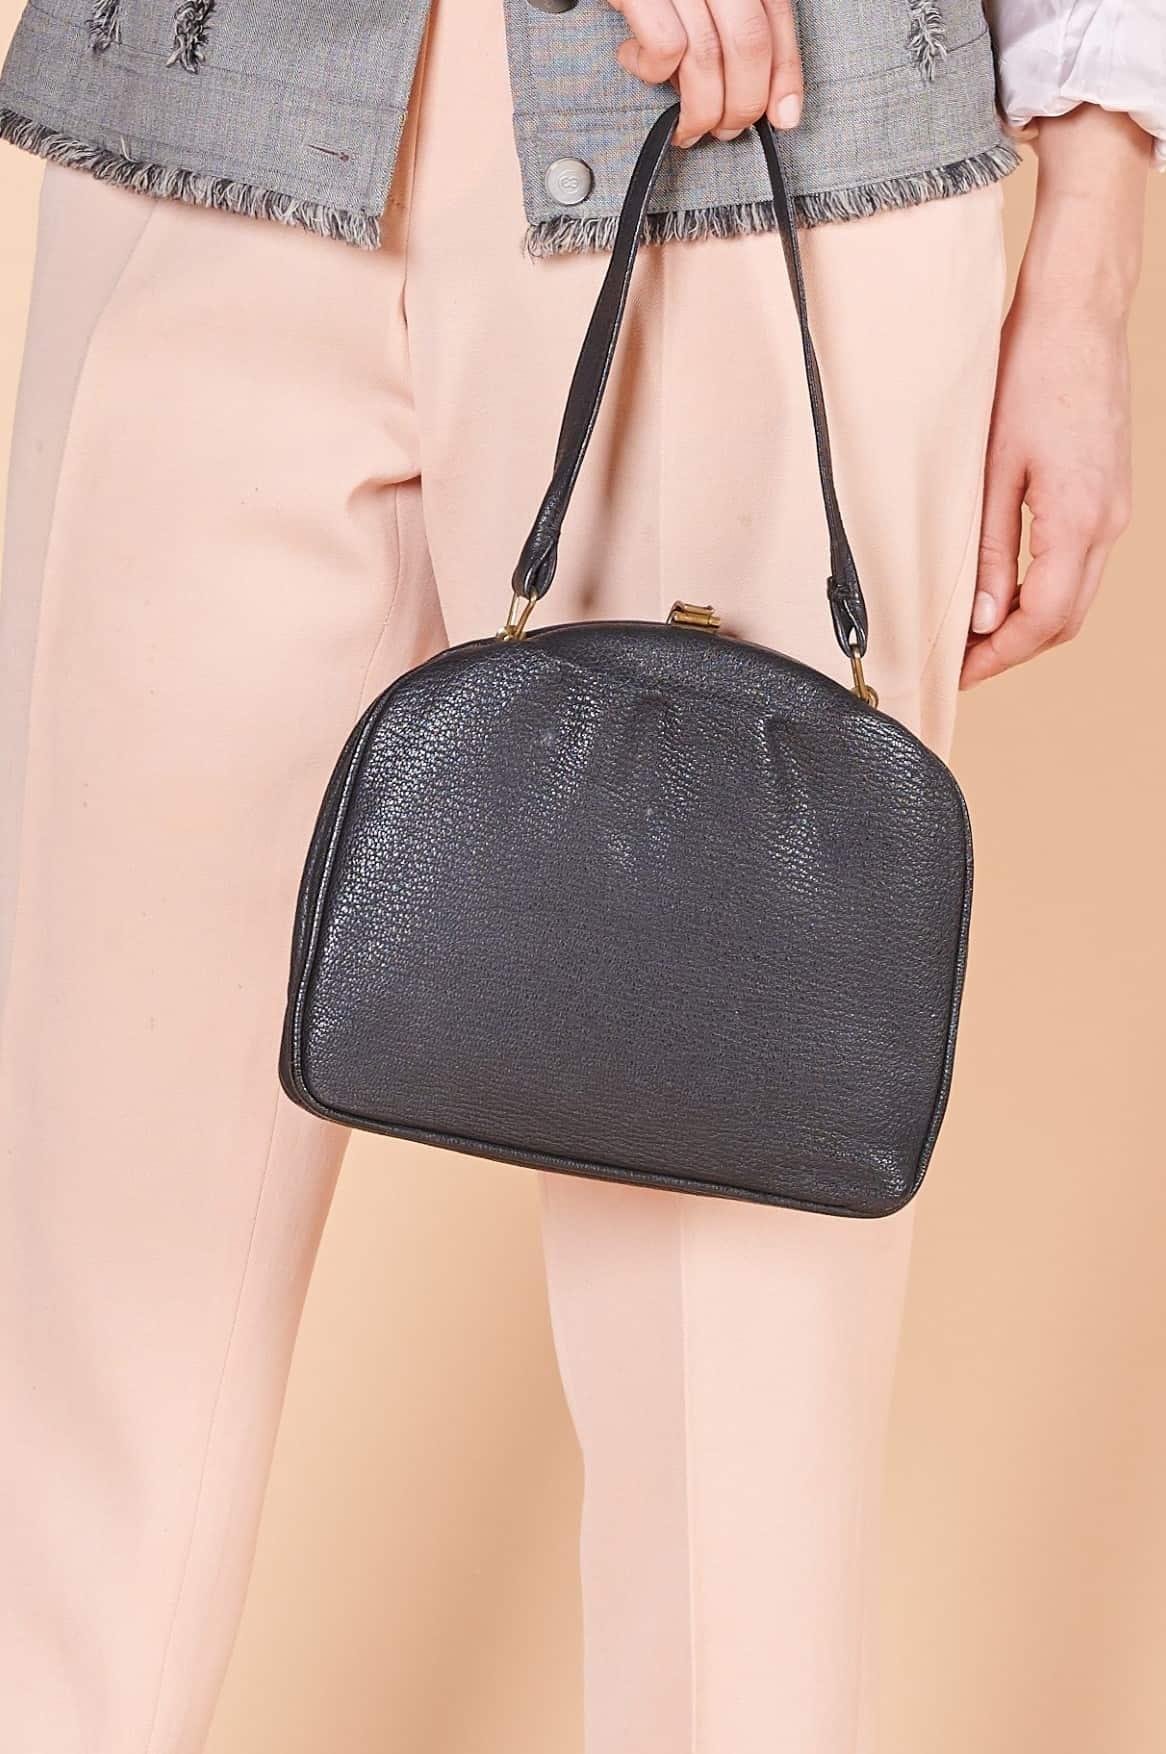 50ler siyah kaliteli deri İsviçre malı vintage çanta